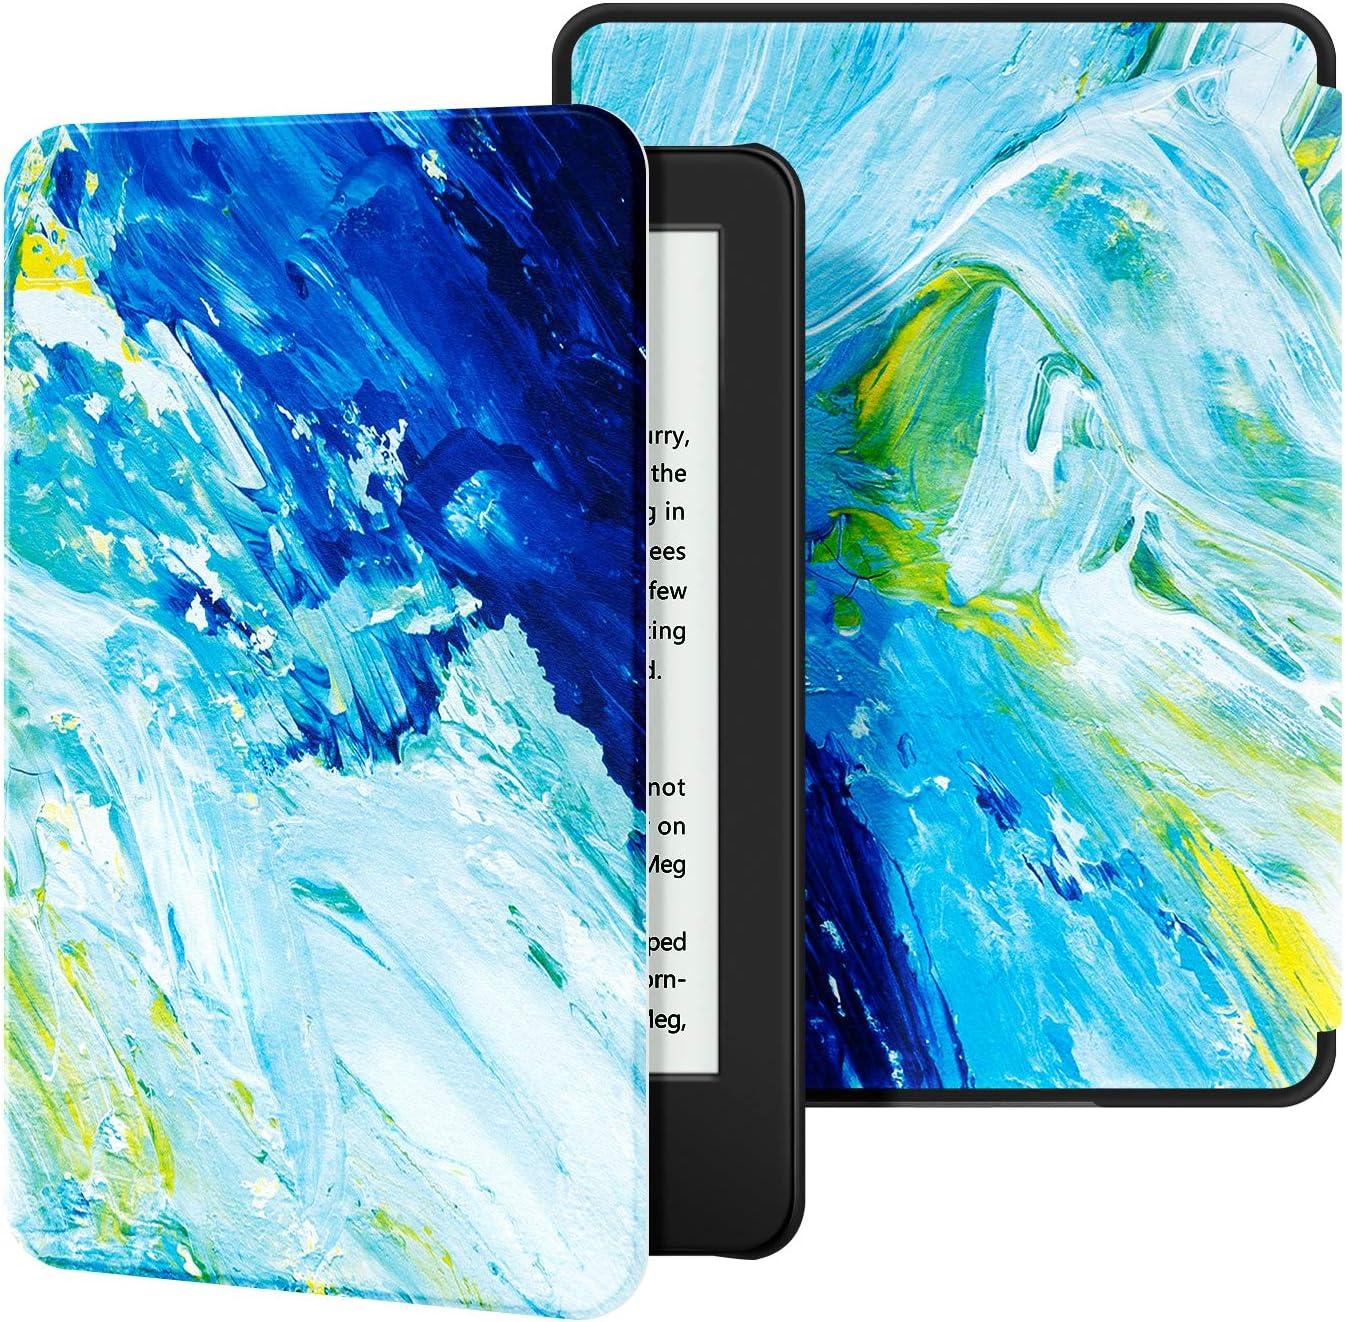 - Funda de Cuero de PU Compatible con el Kindle 2019 de ,The Blue Moonlight OLAIKE Estuche para Kindle 10/ª generaci/ón, versi/ón 2019 no encajar/á con Kindle Paperwhite o Kindle Oasis